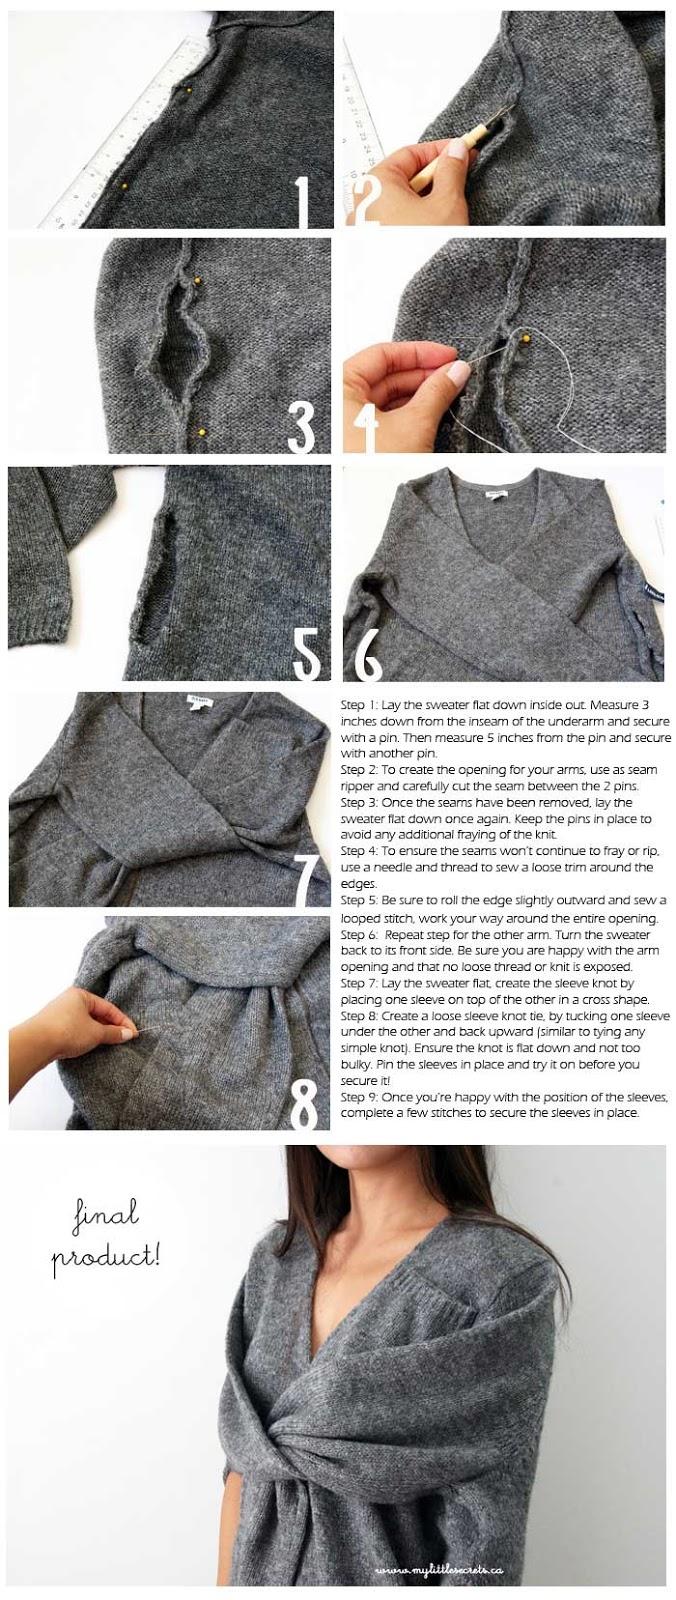 chaqueta, mangas, bricomoda, labores, costura, refashion, transformación